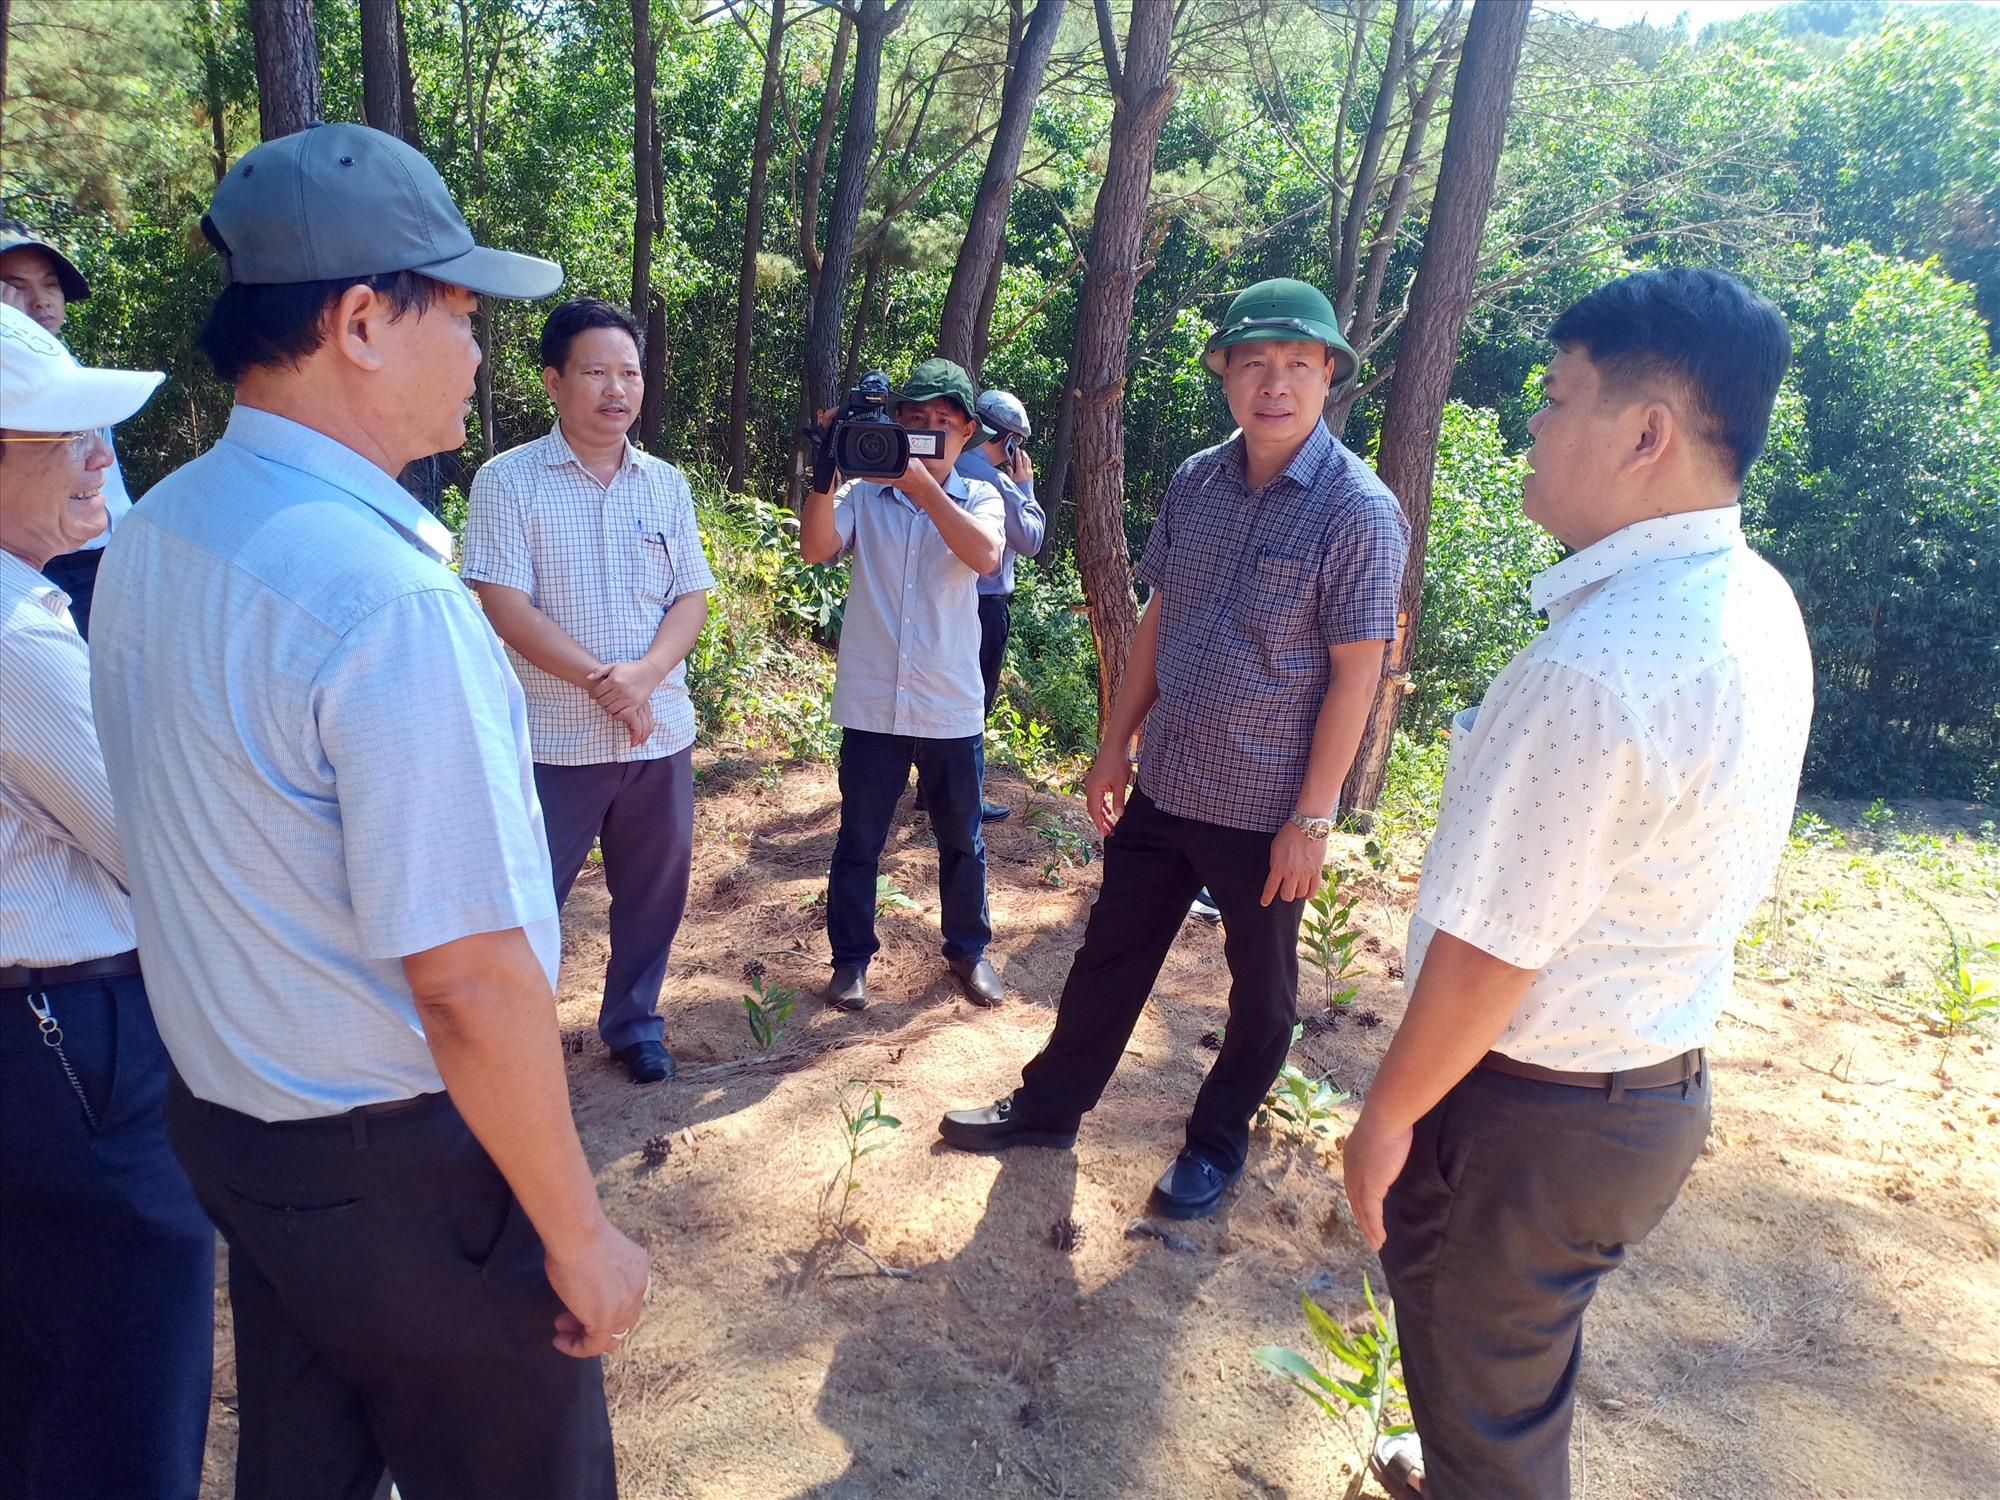 Phó Chủ tịch UBND tỉnh Hồ Quang Bửu kiểm tra tiến độ thi công các dự án tại Núi Thành. Ảnh: T.H